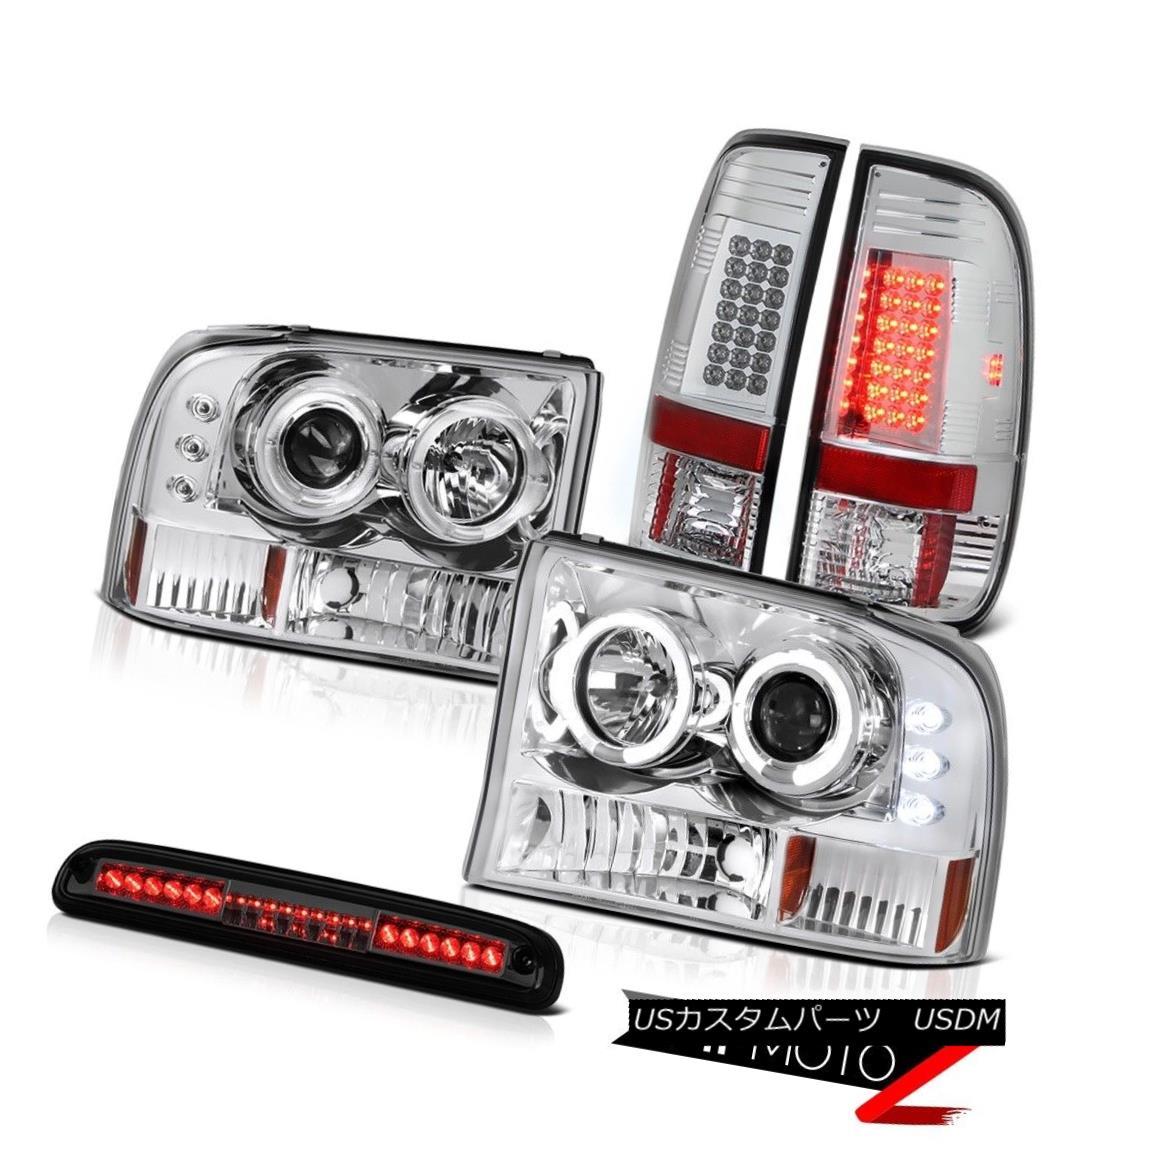 テールライト 99-04 F250 Harley Davidson Chrome Halo LED Headlights Bulb Tail Roof Stop Tinted 99-04 F250ハーレーダビッドソンクロームハローLEDヘッドライトバルブテールルーフストーンティント